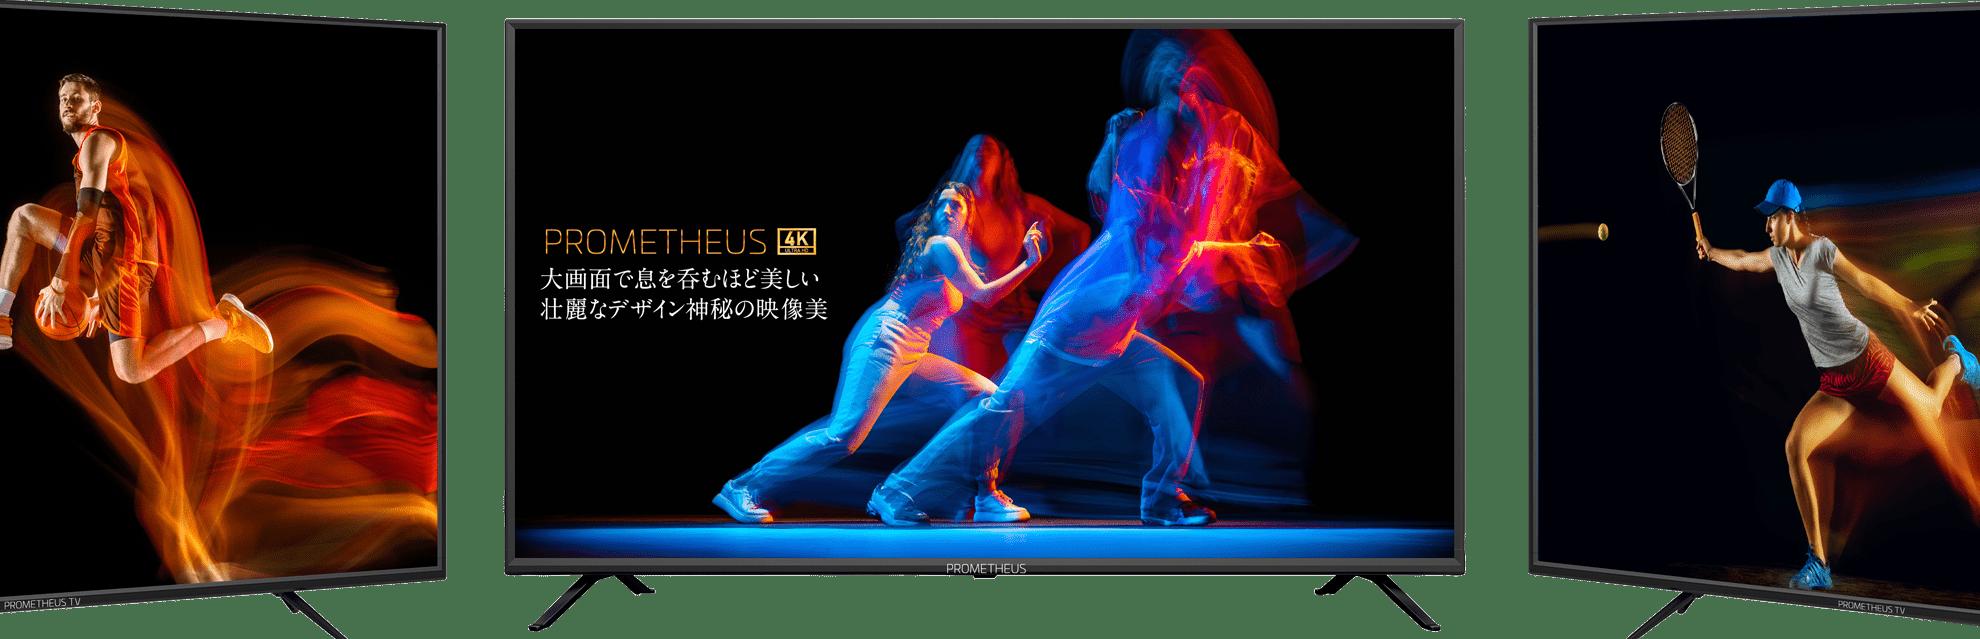 トップバナー PROMETHEUSテレビイメージ